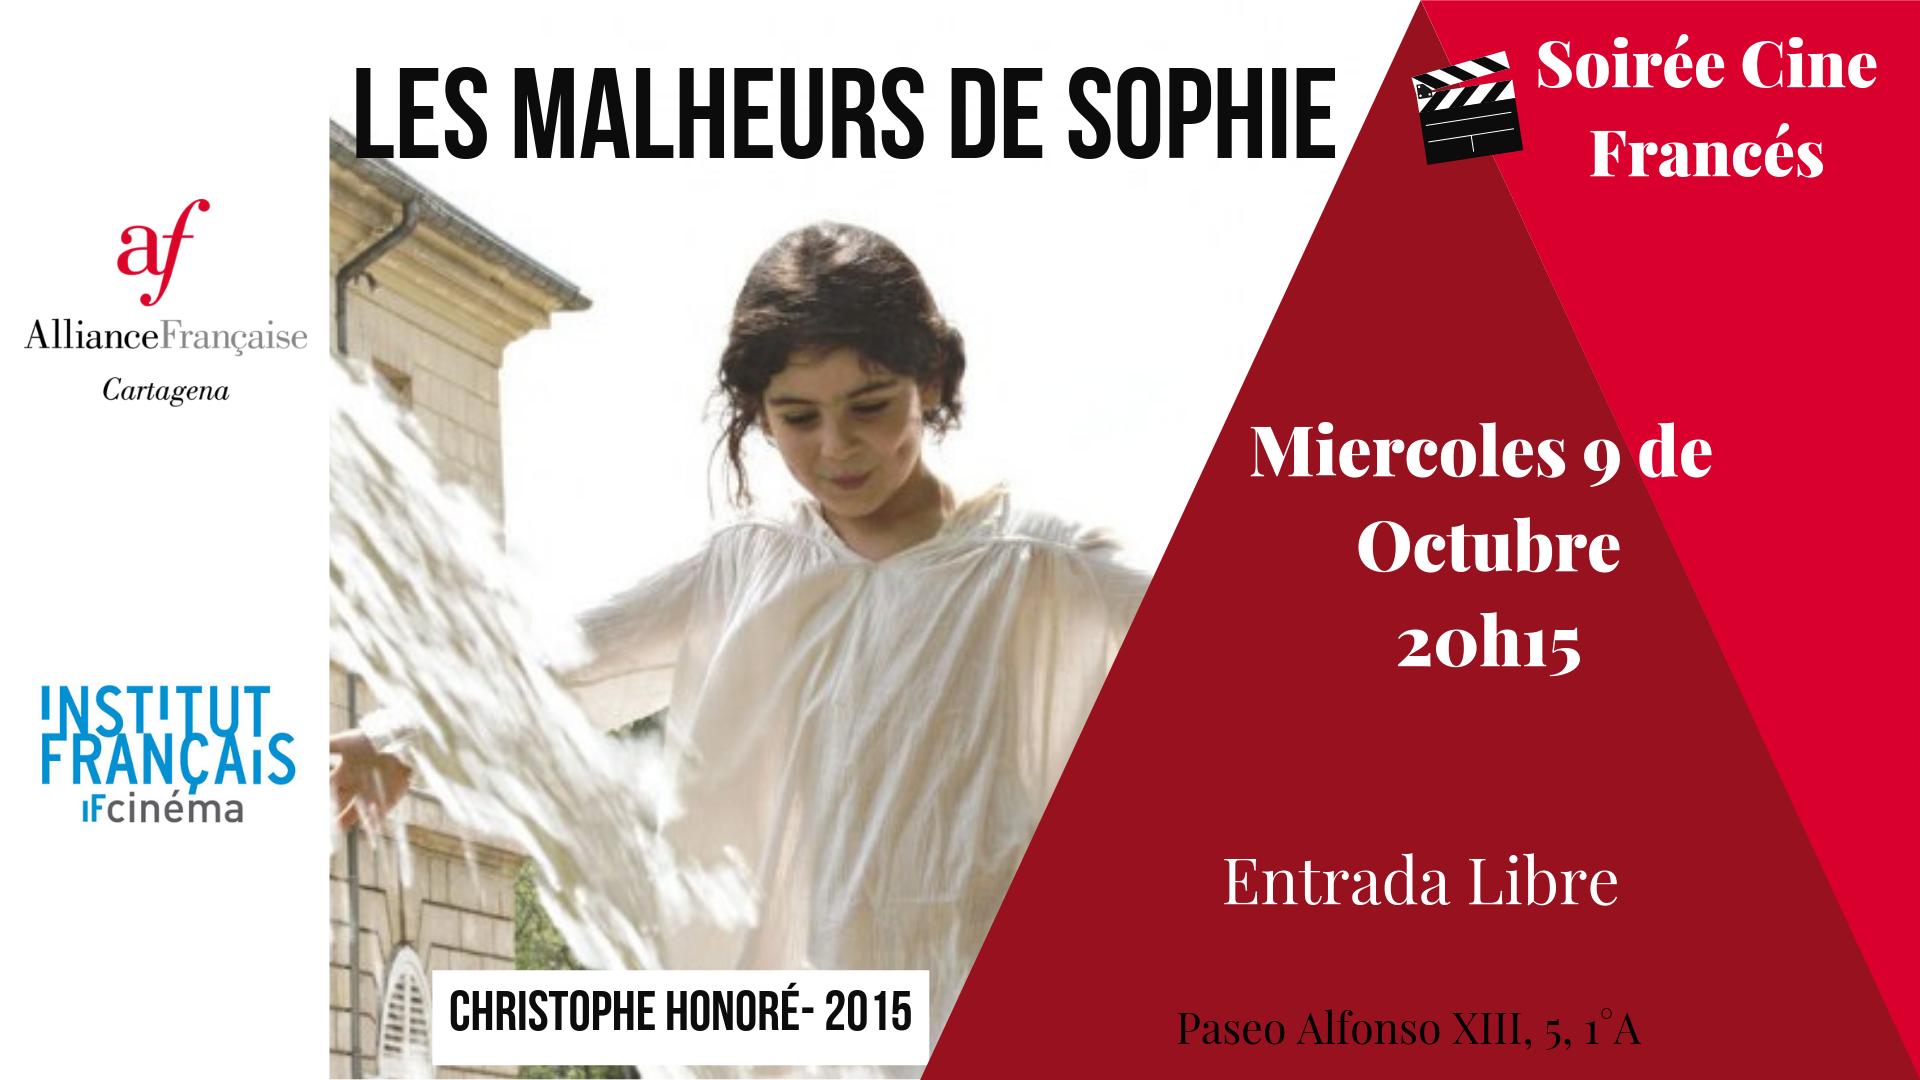 Soirée Cine Francés - Les Malheurs de Sophie 6